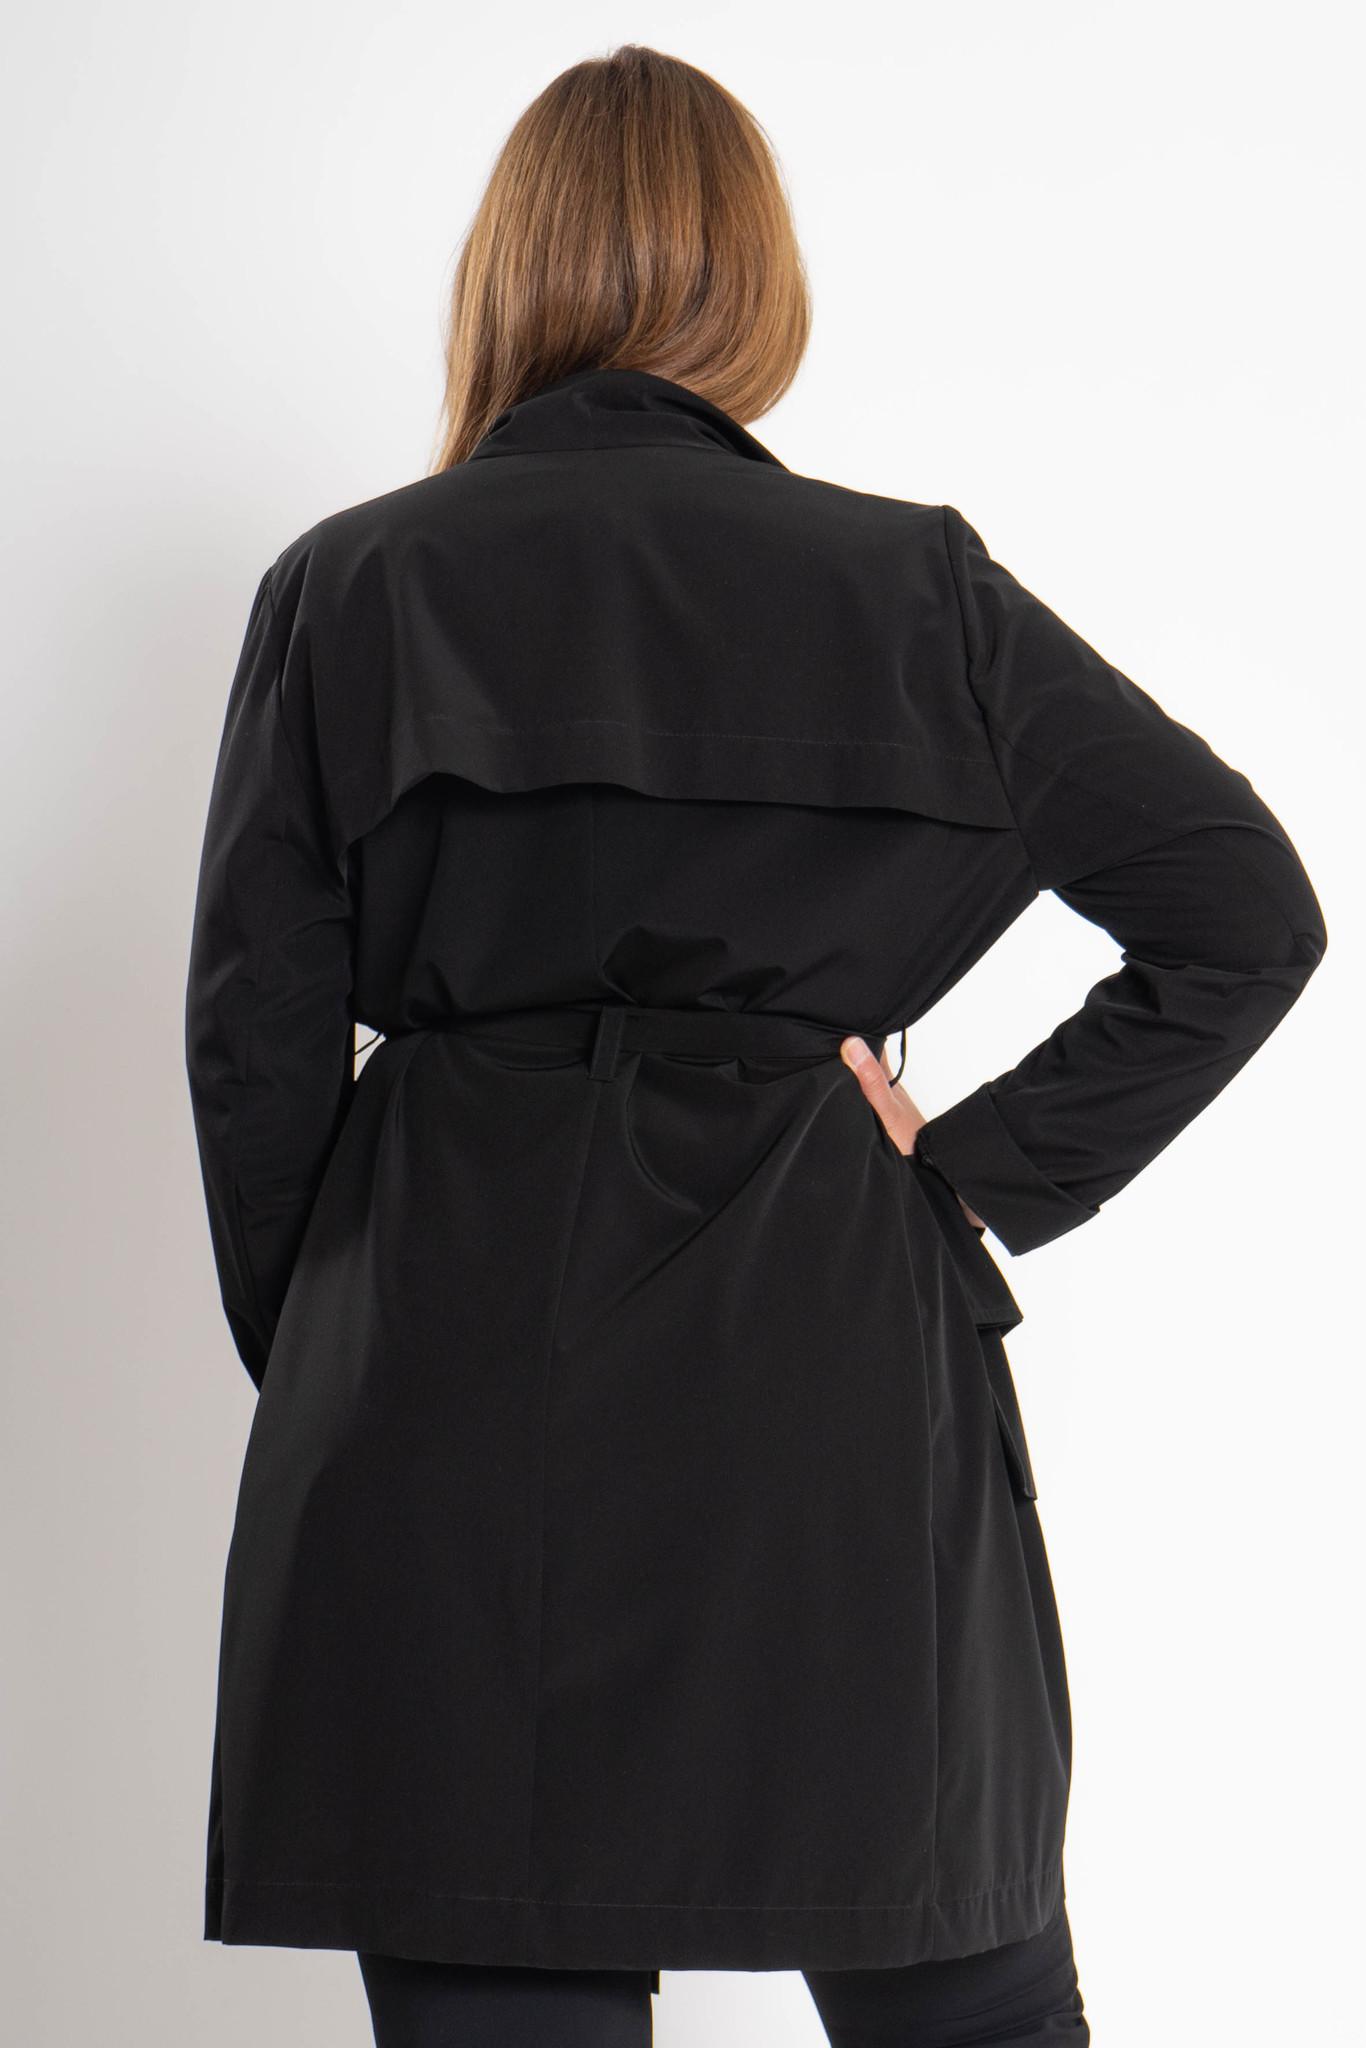 ADAGIO Jacket in waterrepellent Polyester-3